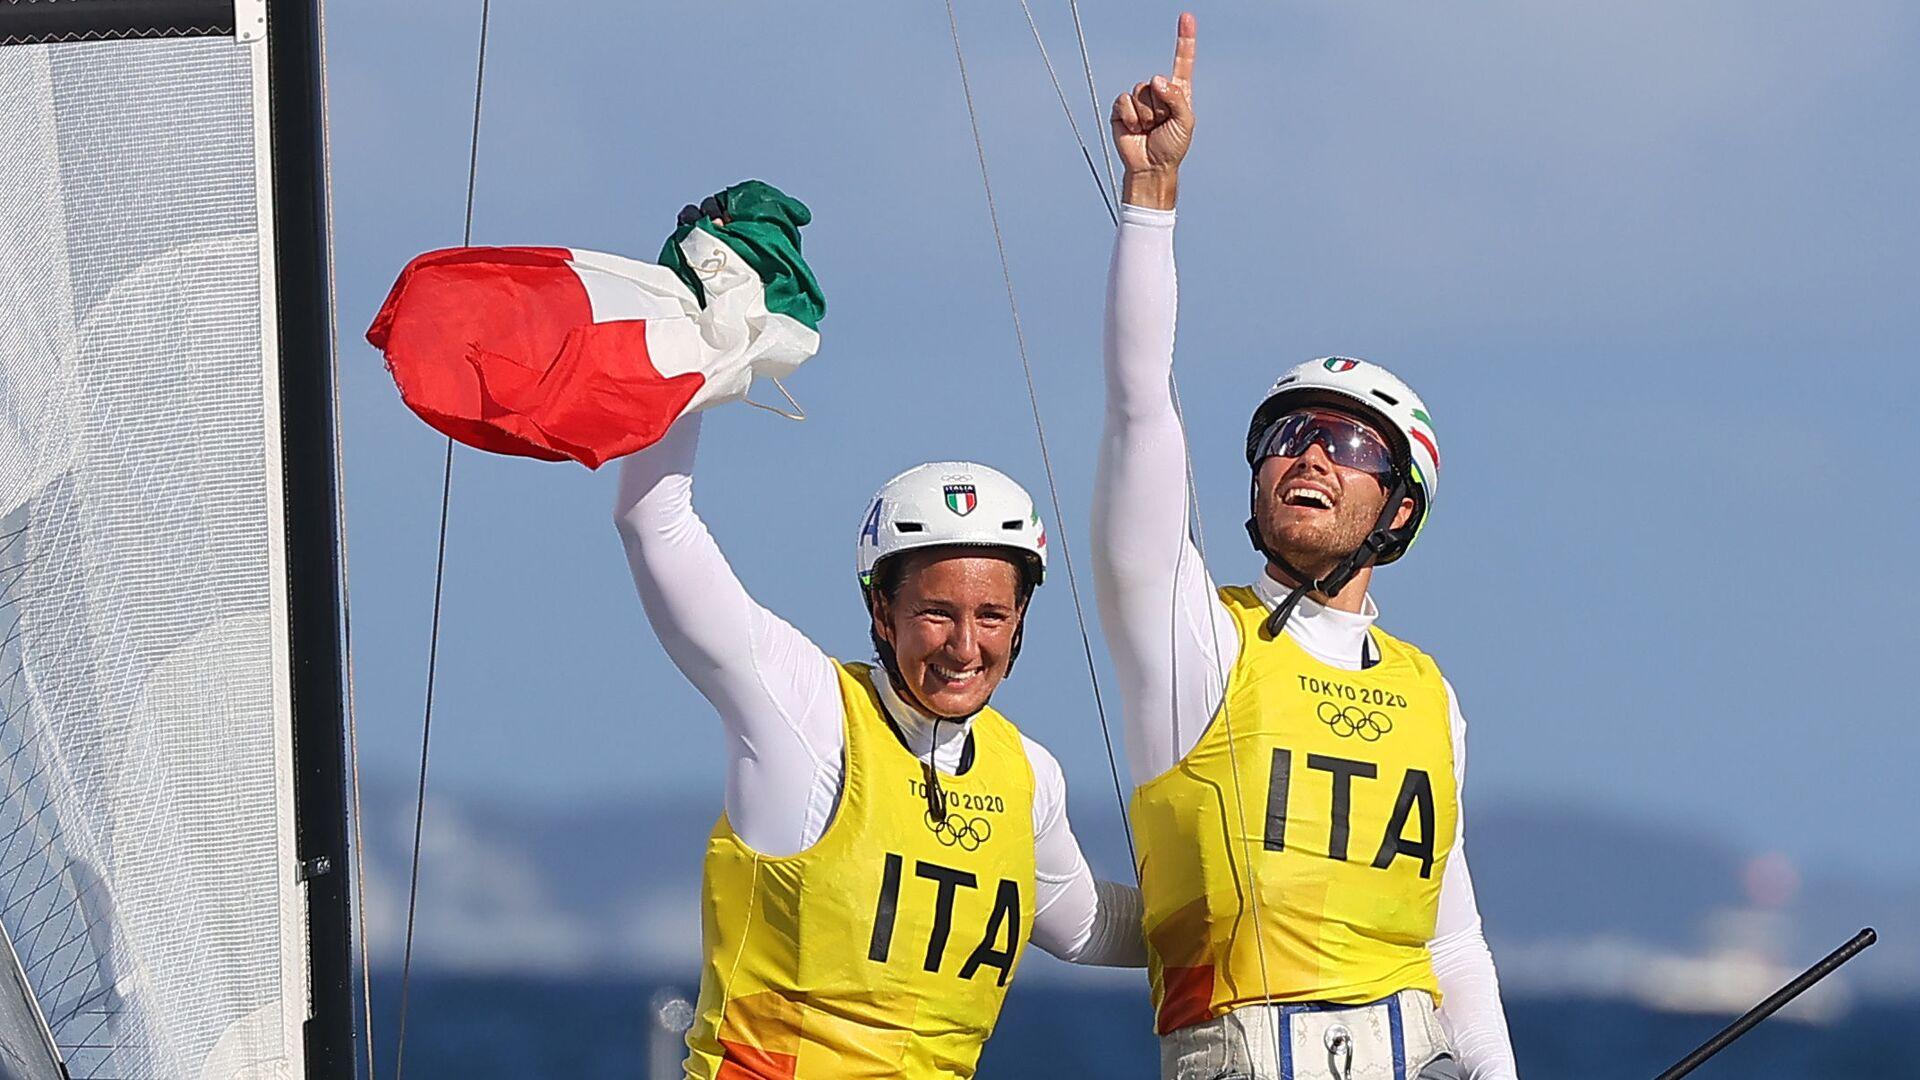 Ruggero Tita e Caterina Banti conquistano l'oro nella vela - Sputnik Italia, 1920, 03.08.2021